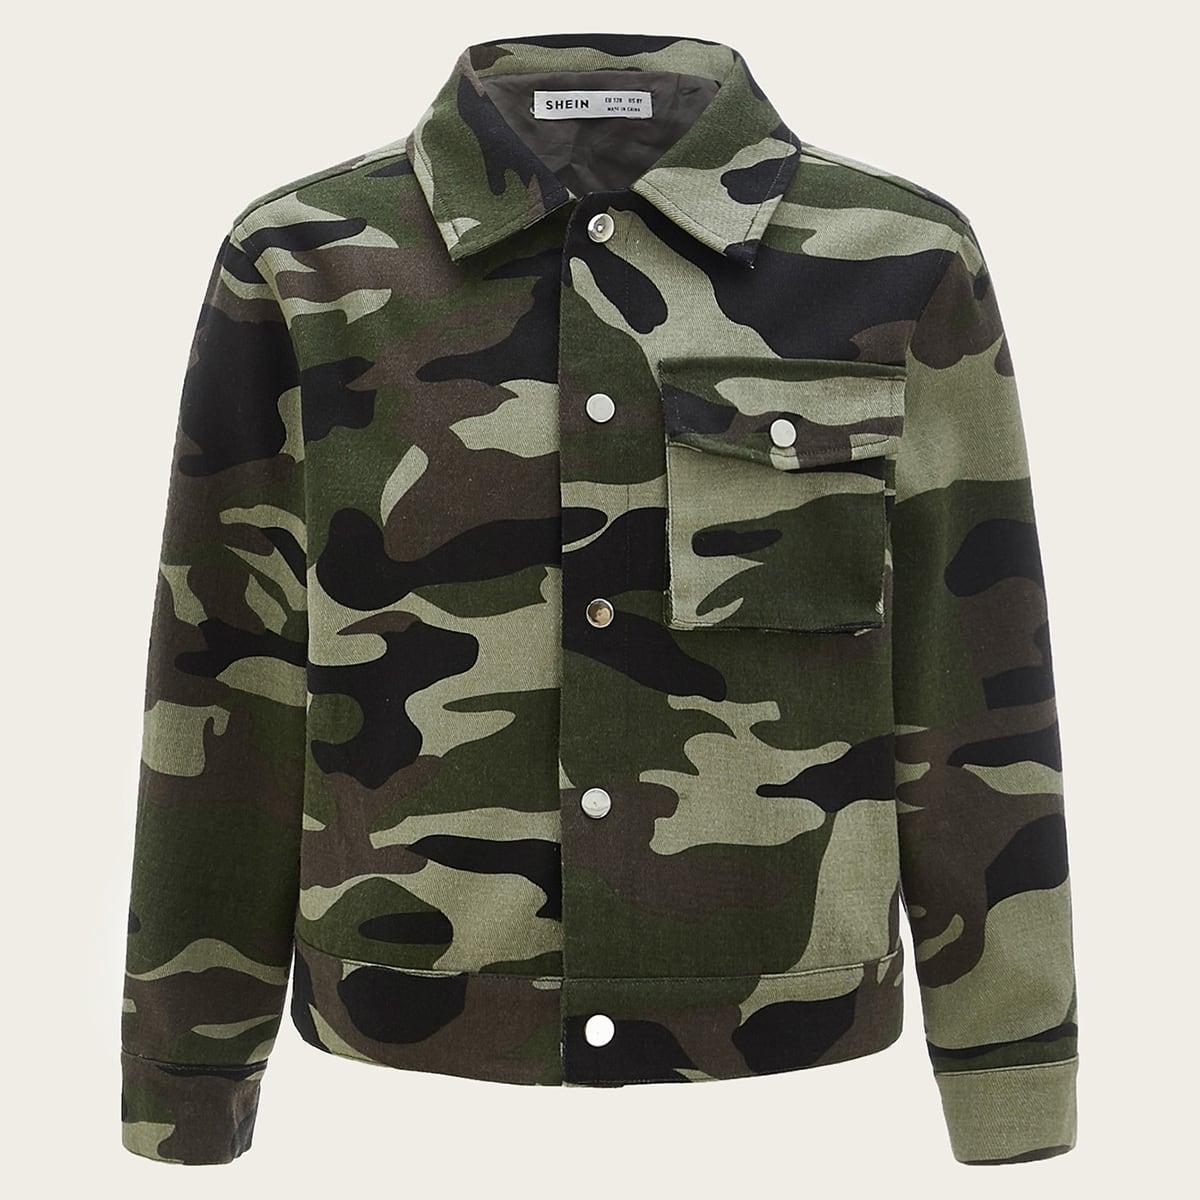 Куртка с камуфляжным принтом и карманом для мальчиков от SHEIN